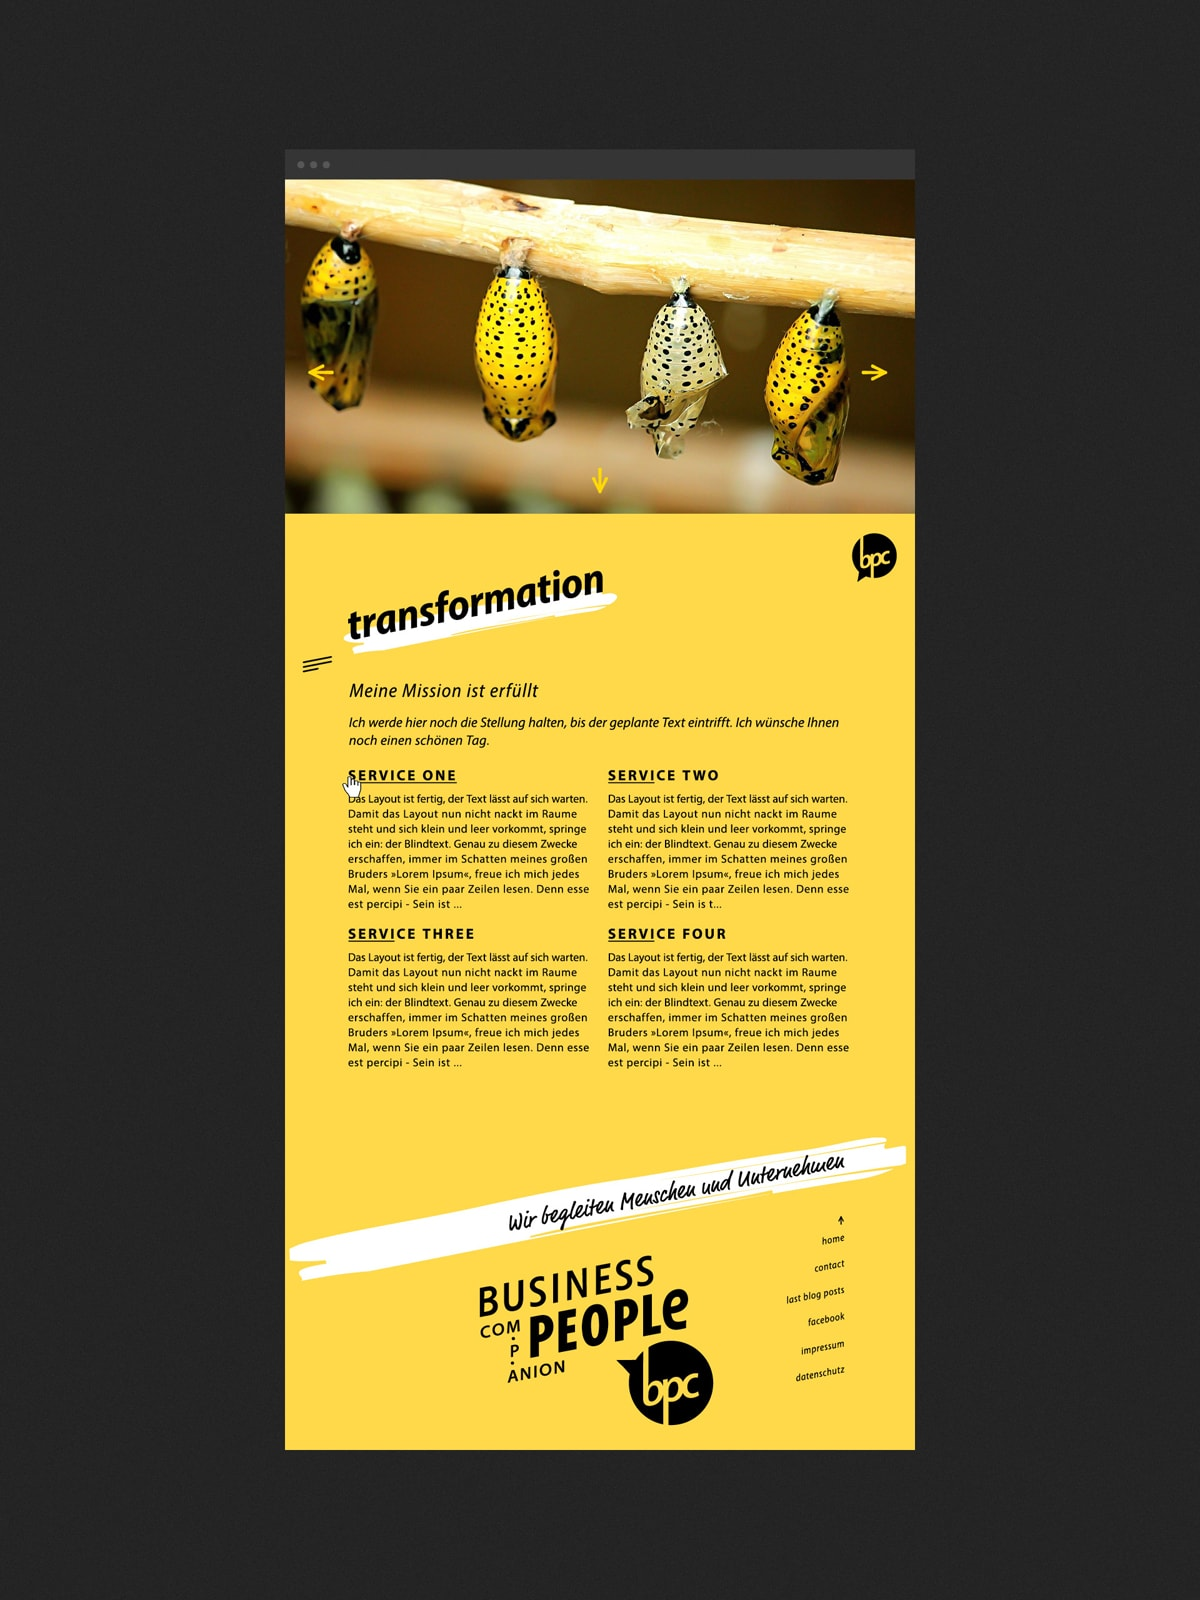 Screendesign/ Webdesign für eine Unternehmensberatung mit Sitz in Trier. Ein Webkonzept der Werbeagentur mieker - Konzept Design Strategie. Als Beispiel eine gelbe Unterseite der Corporate Website. Leistungen: Kommunikationskonzept, Corporate Identity, Corporate Design, Screendesign, Webdesign, UX Design, Logodesign, Printdesign und online Werbung.